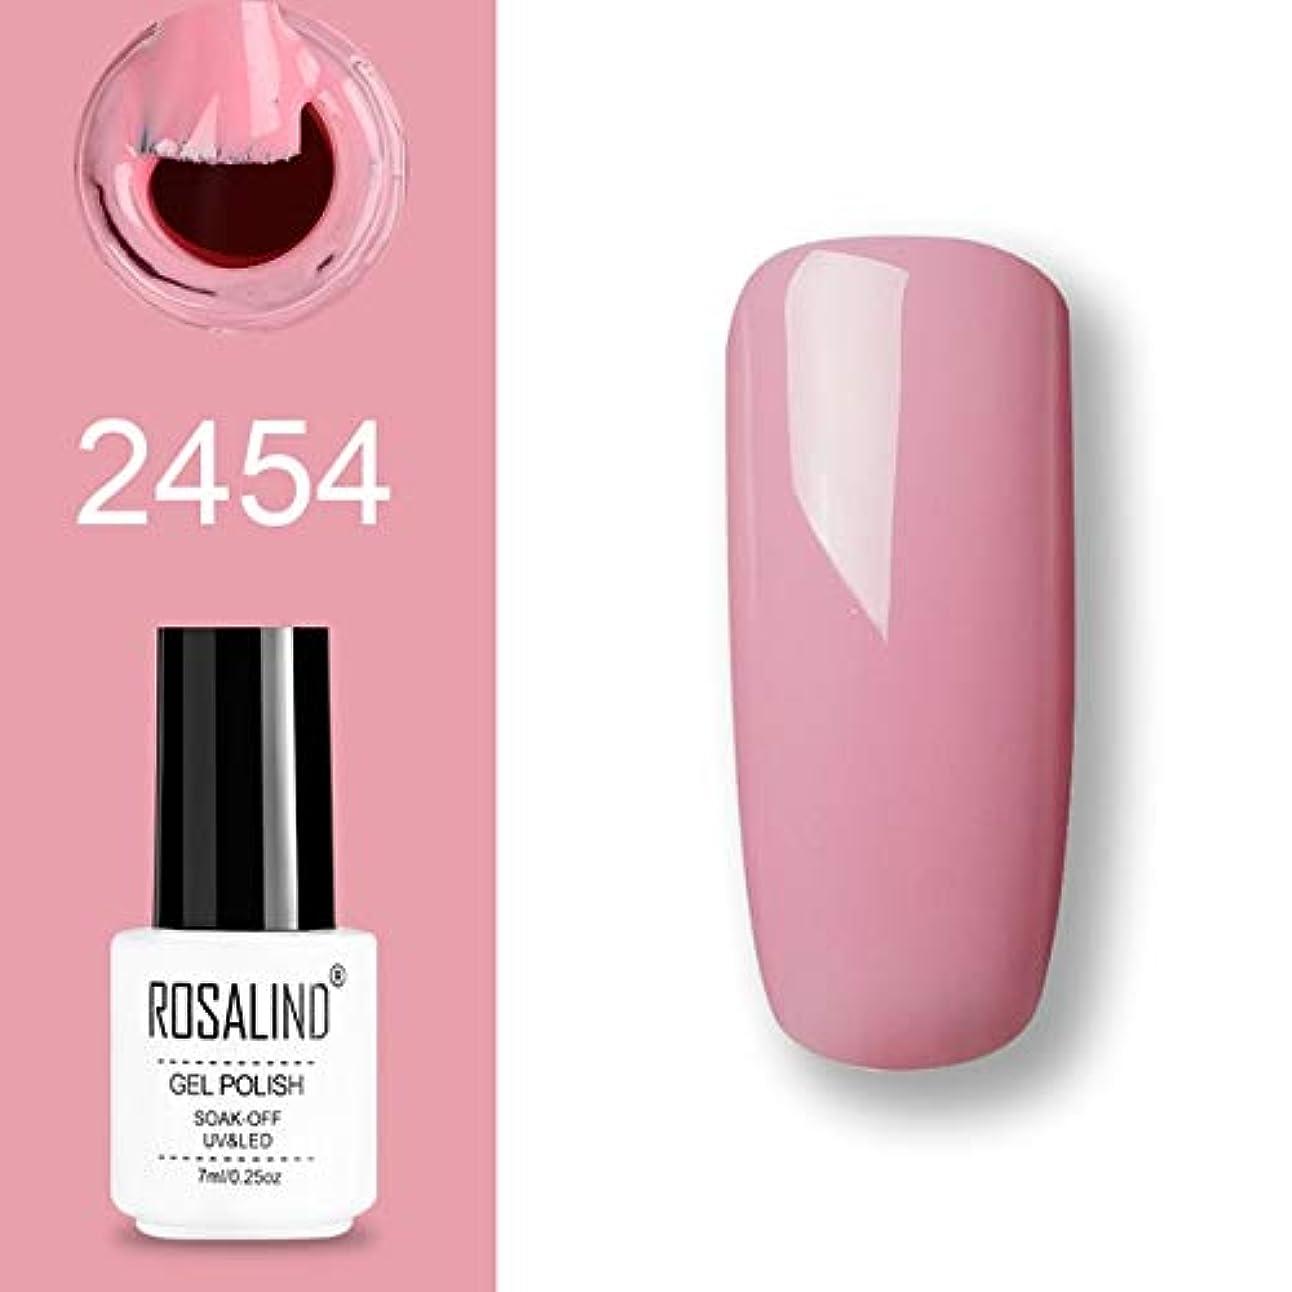 ネックレット正確さ楽しいファッションアイテム ROSALINDジェルポリッシュセットUV半永久プライマートップコートポリジェルニスネイルアートマニキュアジェル、ピンク、容量:7ml 2454。 環境に優しいマニキュア